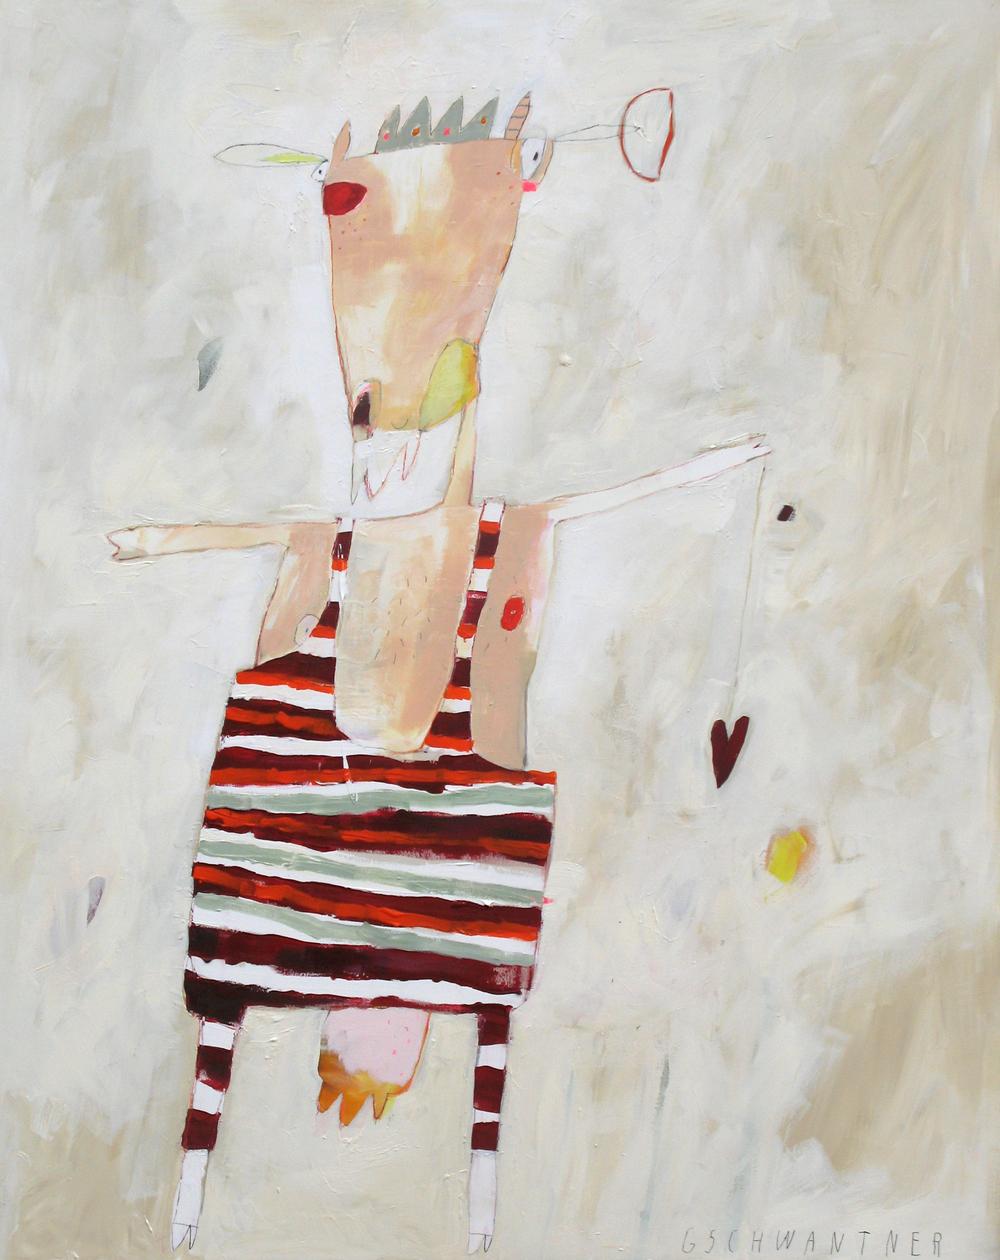 Pan im Schlafanzug, 2008, 115 x 145